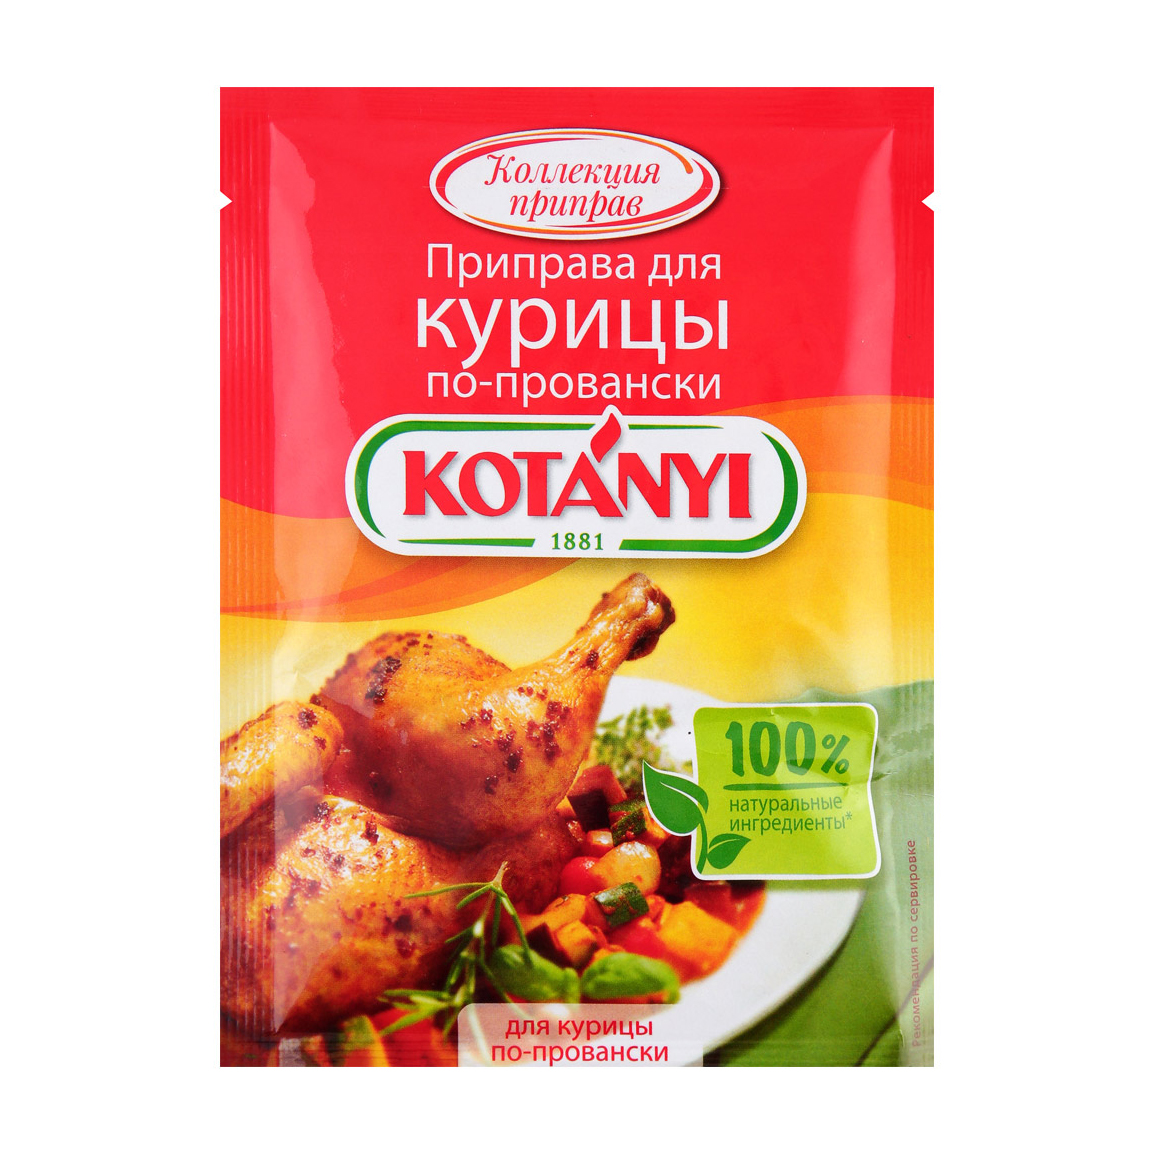 Приправа Kotanyi для курицы по-провански 25 г